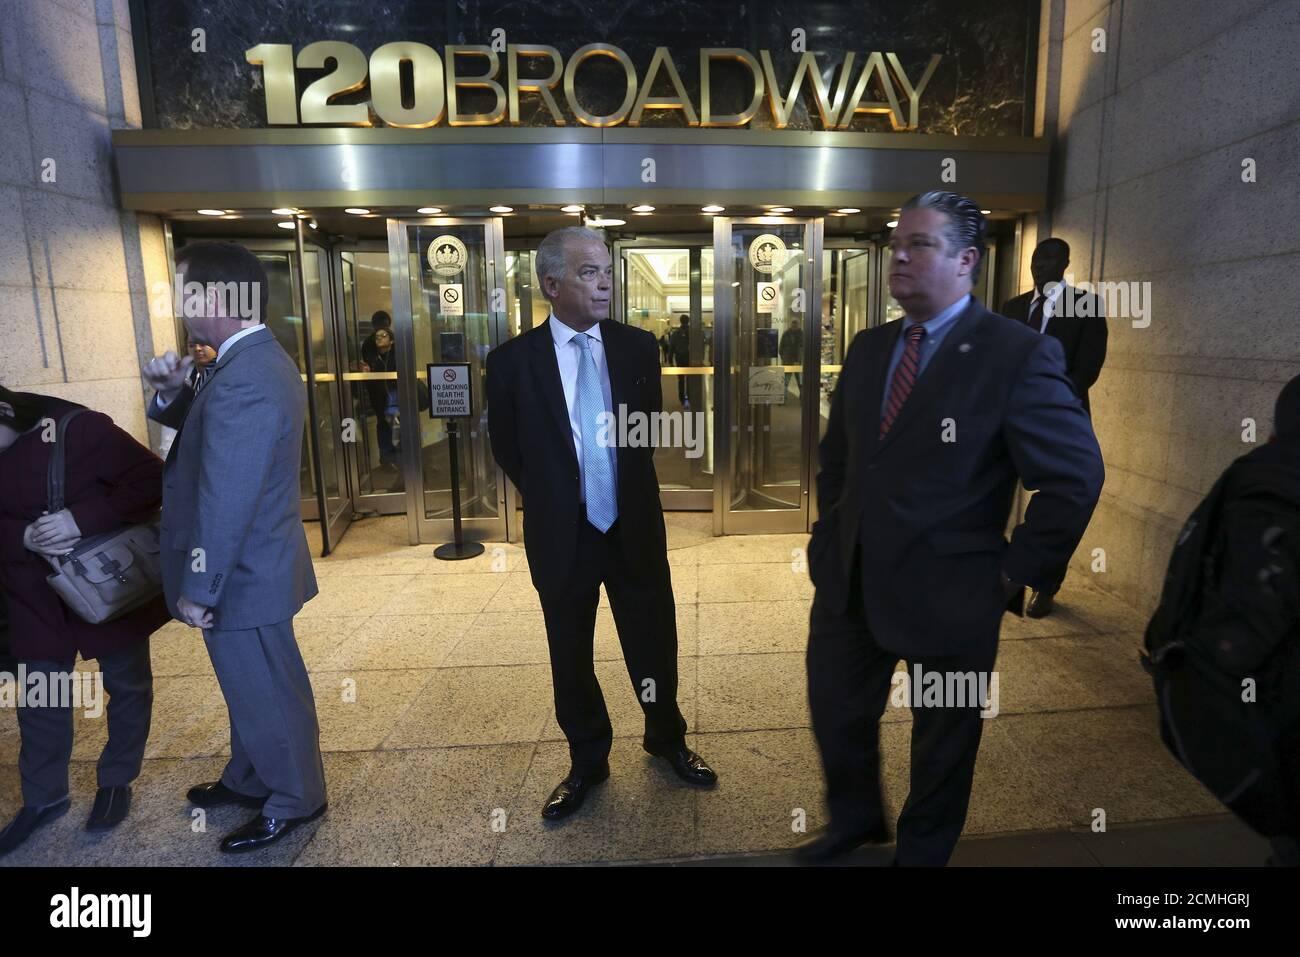 Le personnel de sécurité est en garde tandis que des gens (non représentés) protestent devant le bureau du procureur général de New York Eric Schneiderman suite à sa décision de fermer les sites sportifs de fantaisie FanDuel et Referrings, dans le quartier de Manhattan à New York le 13 novembre 2015. REUTERS/Carlo Allegri Banque D'Images